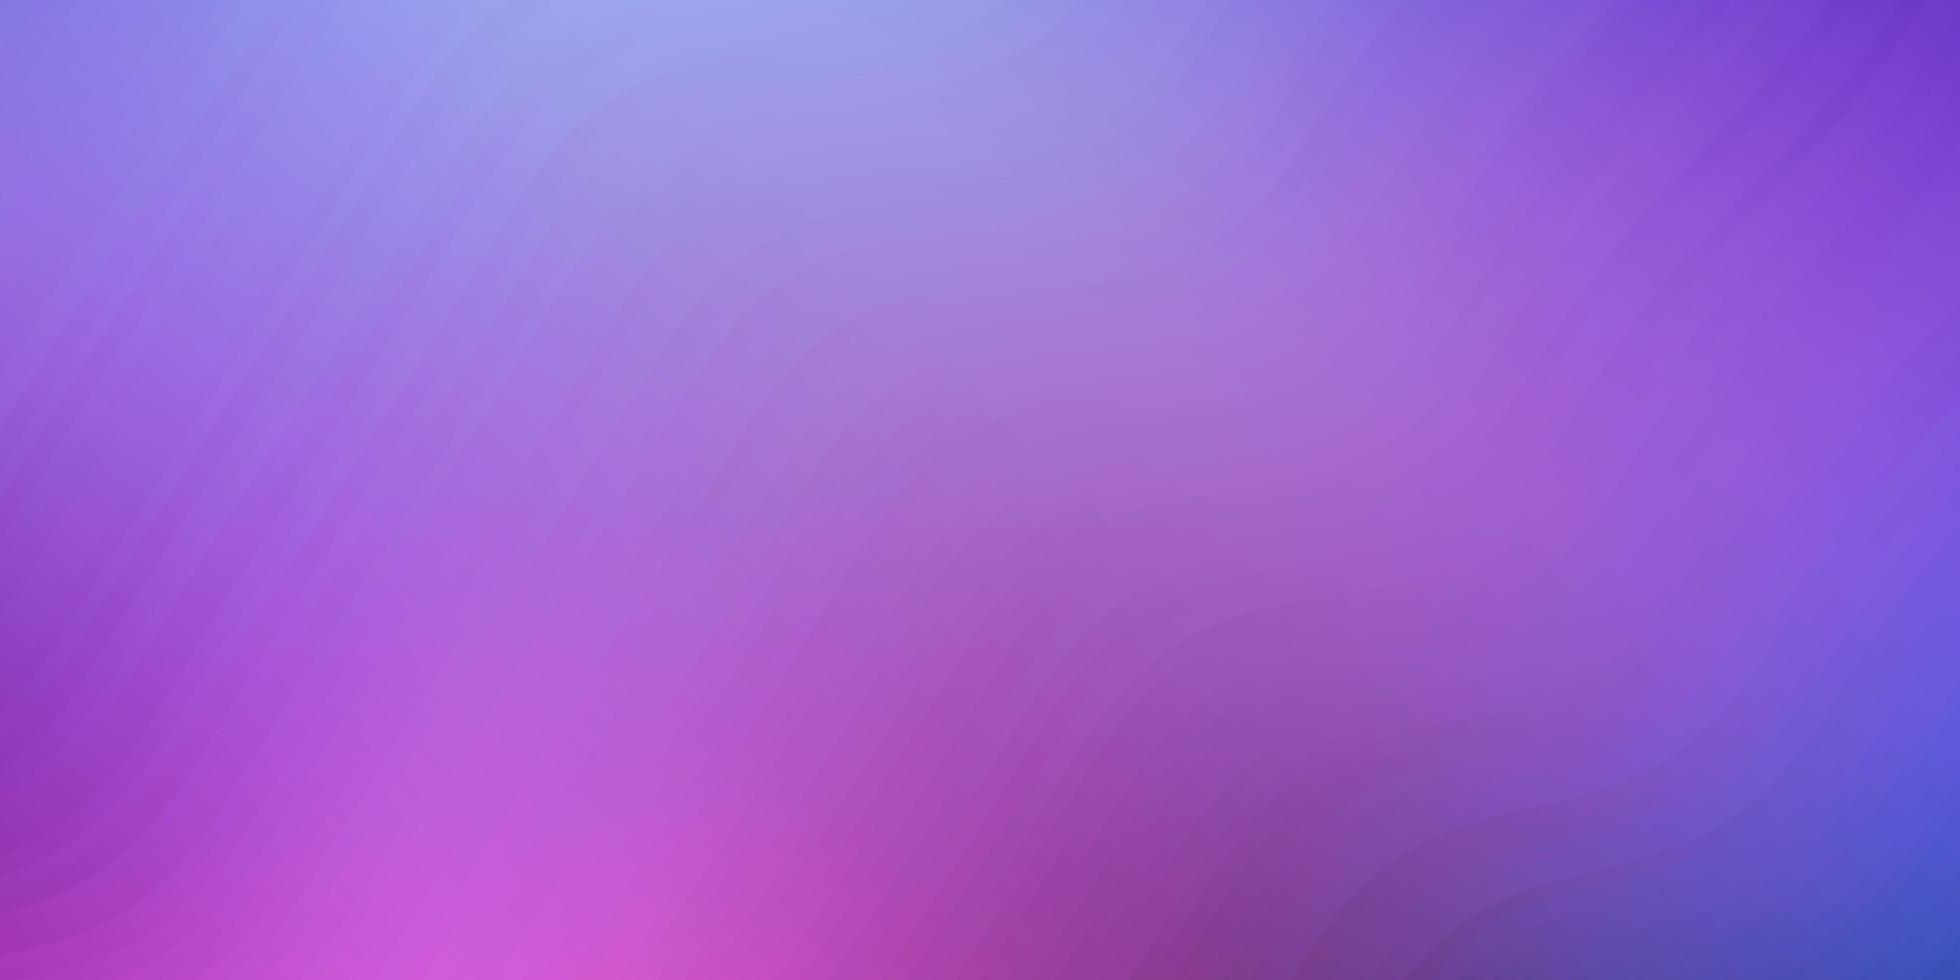 layout de vetor em rosa escuro e azul com linhas irônicas